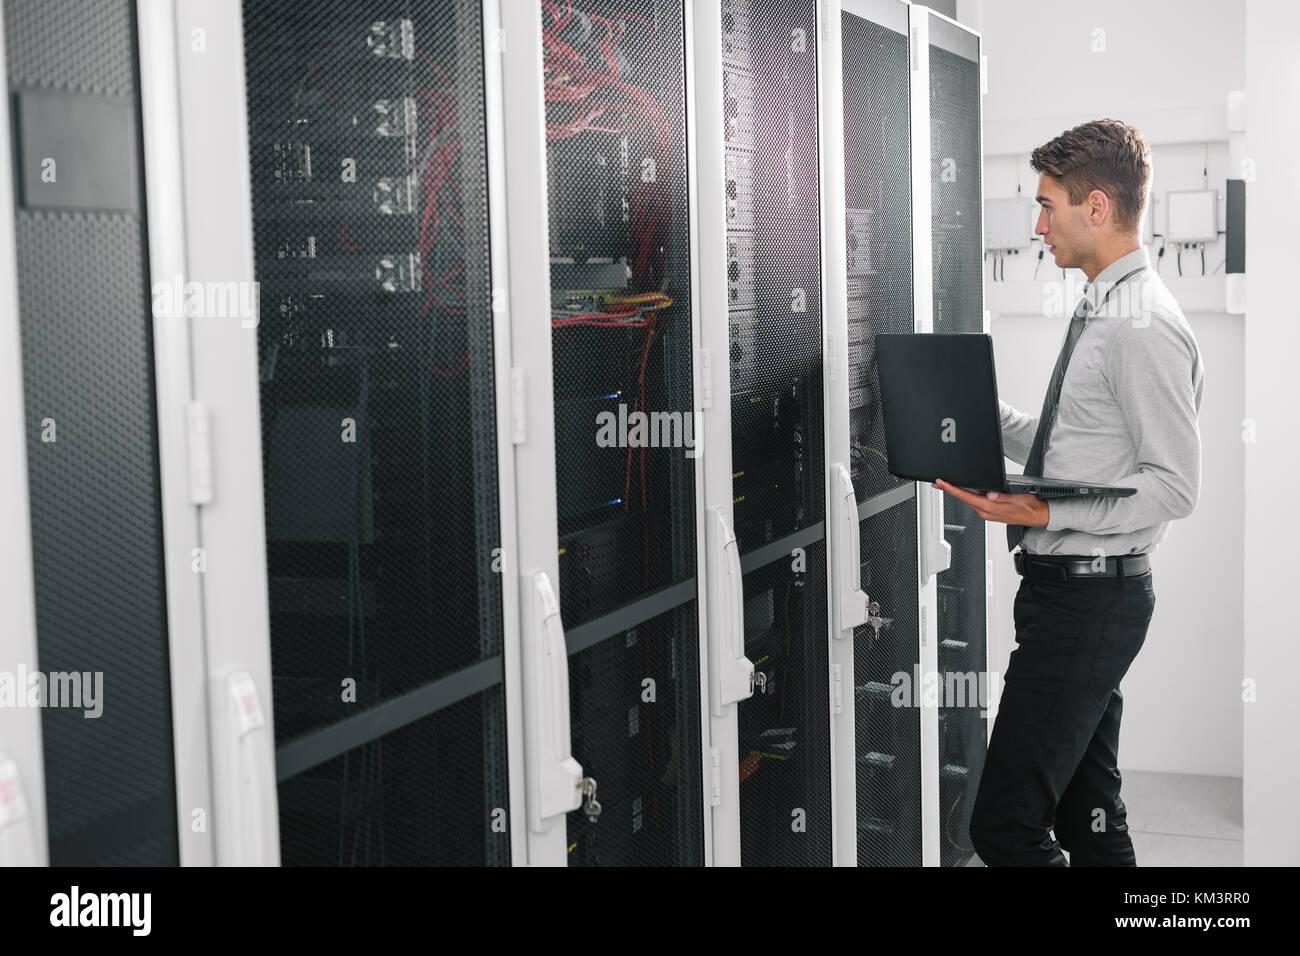 Portrait des modernen jungen Mann mit Laptop steht im Server Raum arbeiten mit supercomputer Stockbild